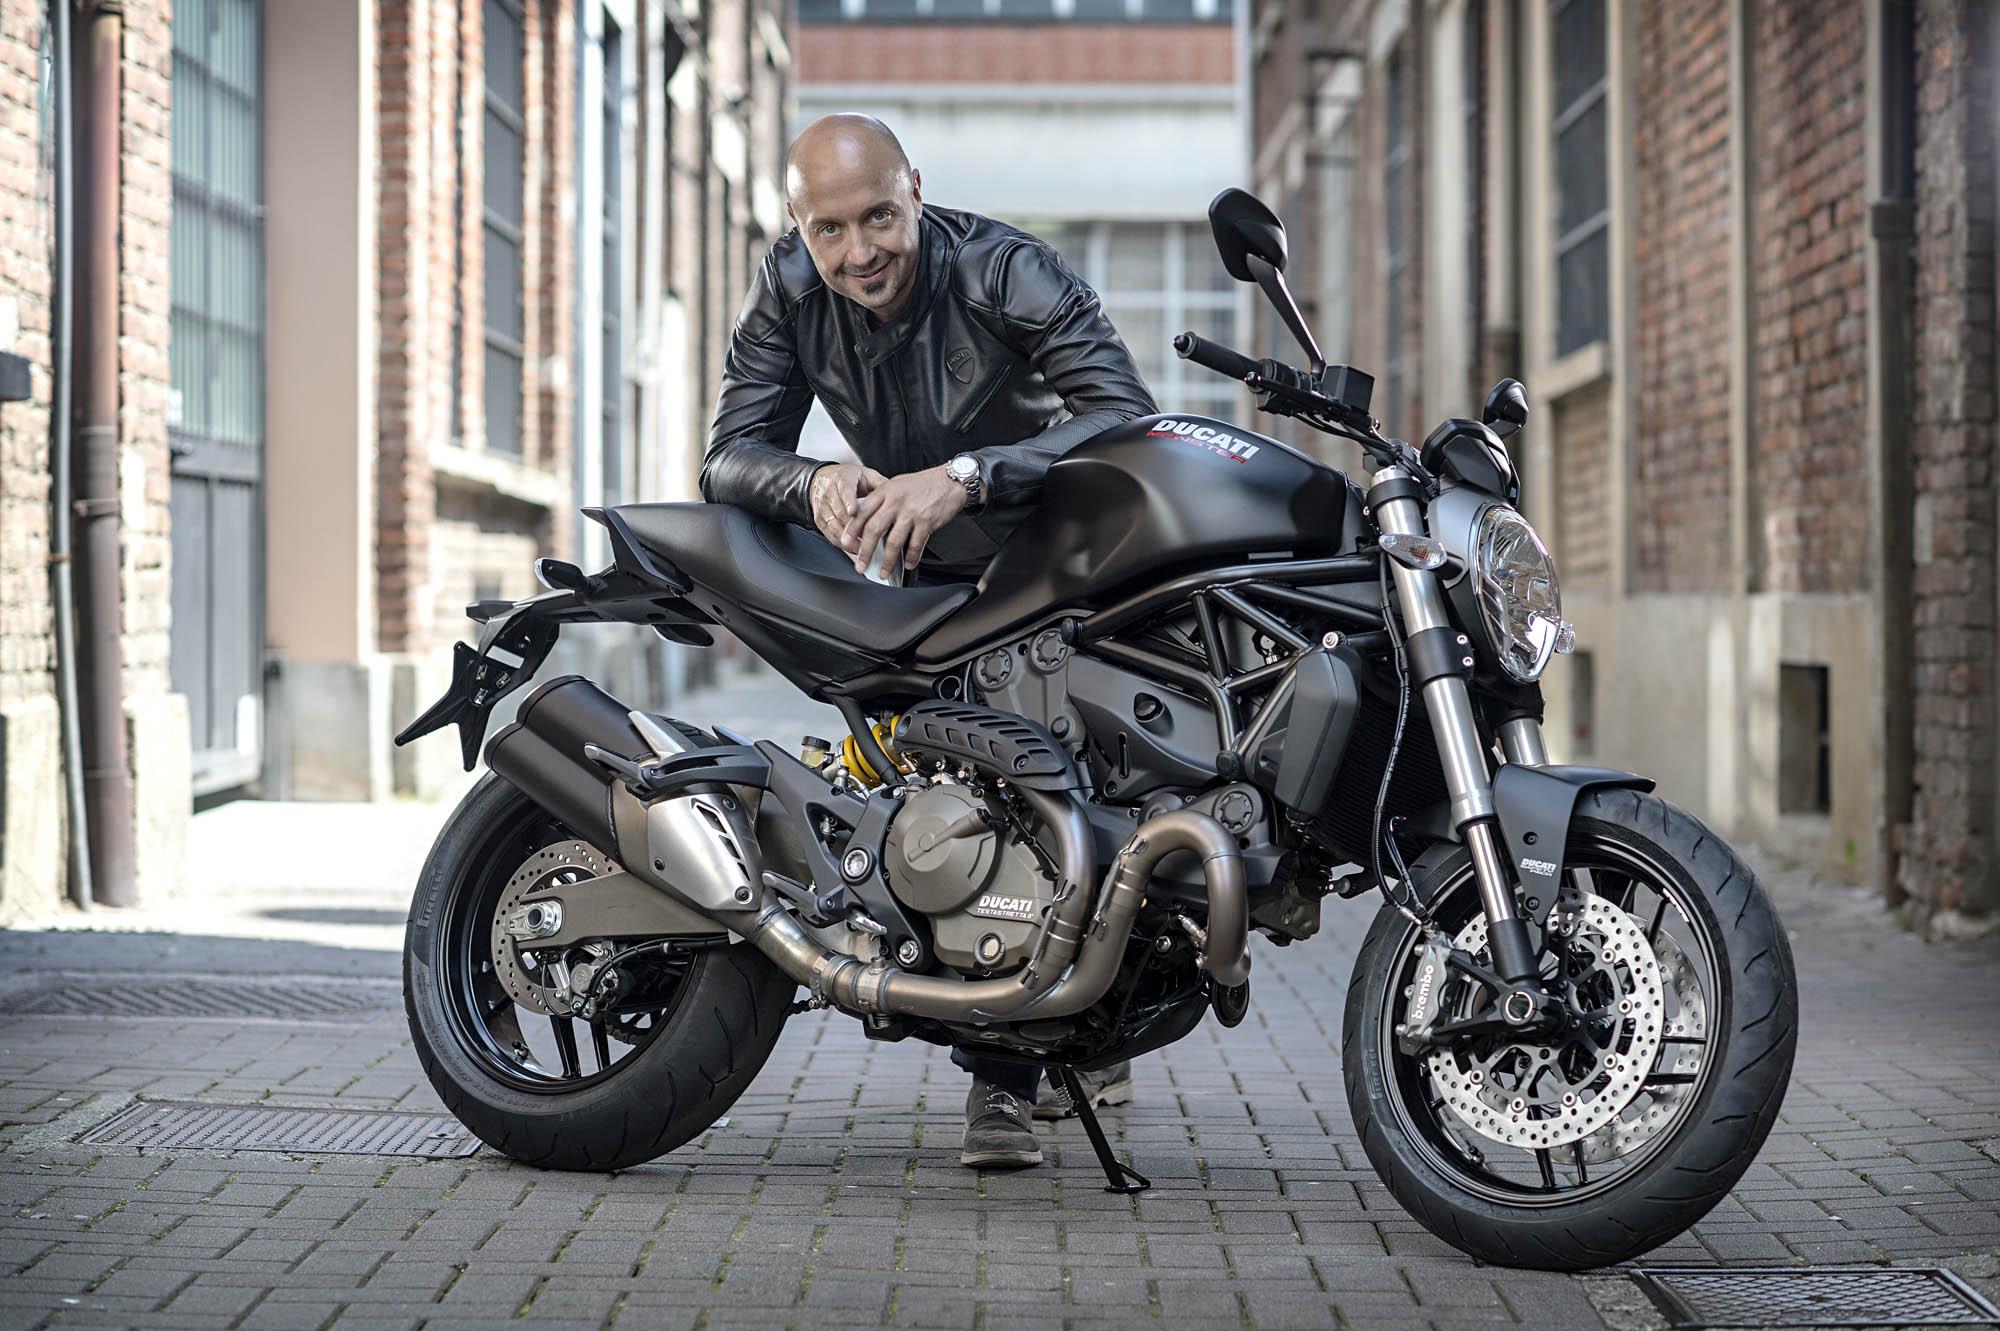 Scarpe Fila Ducati Monster